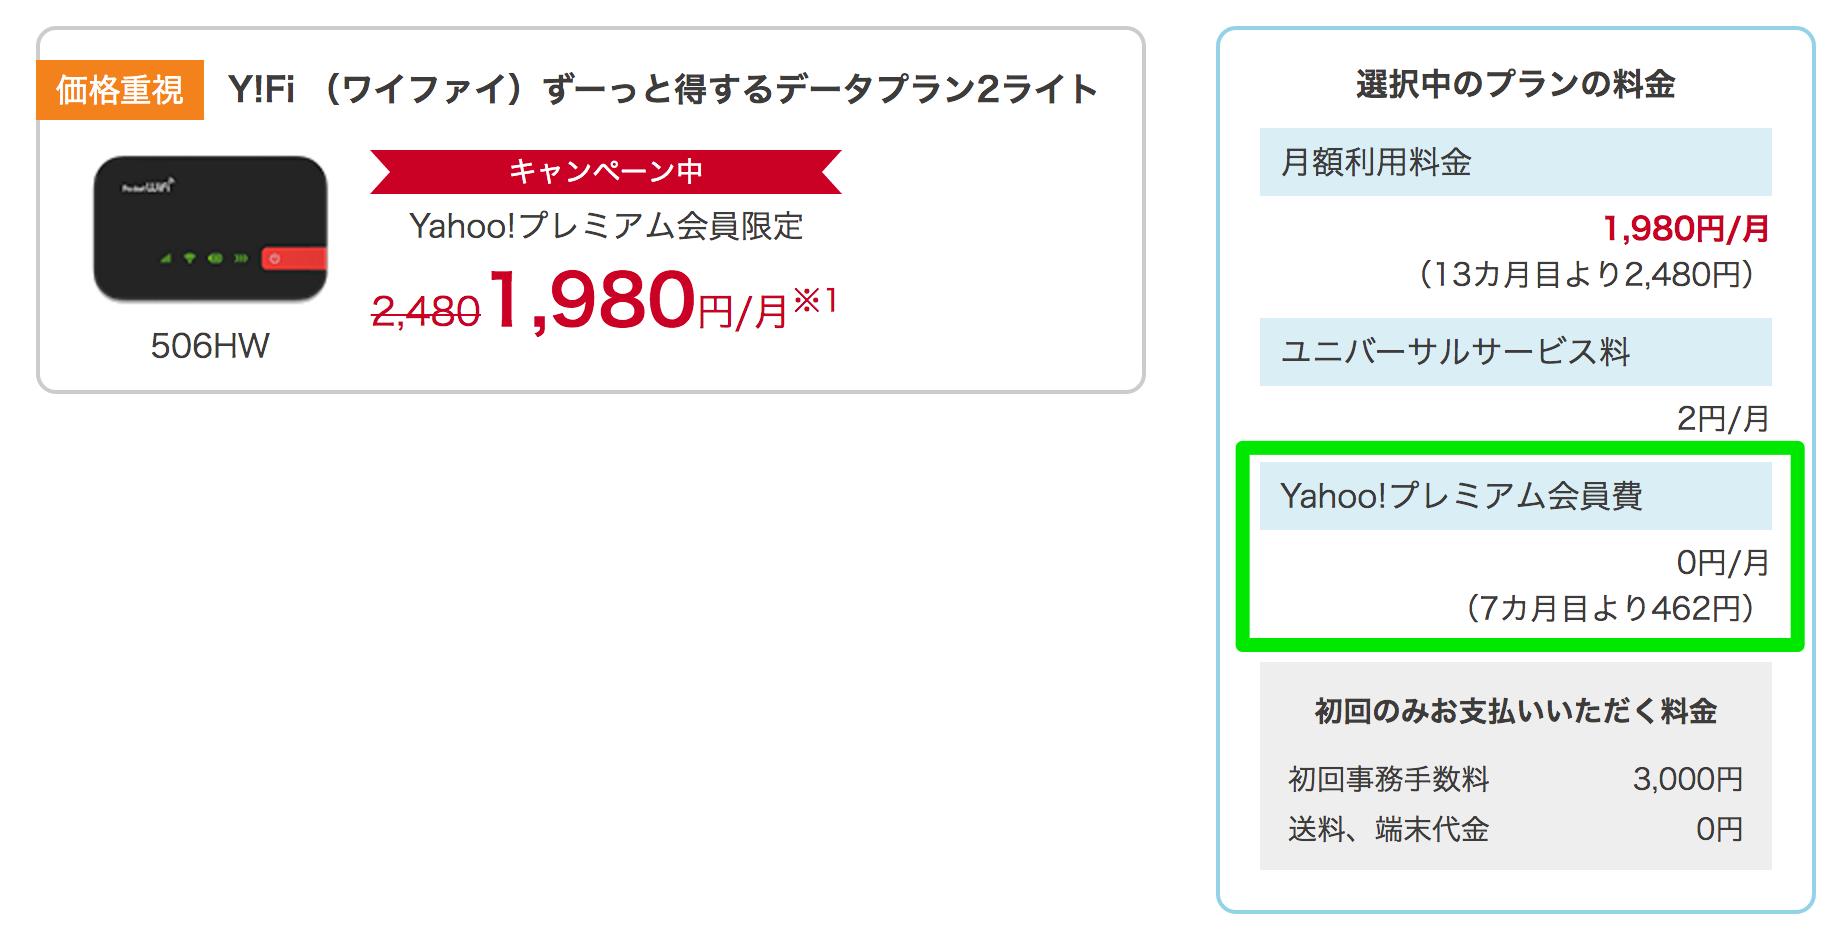 Yahoo!WiFi_premiumuser